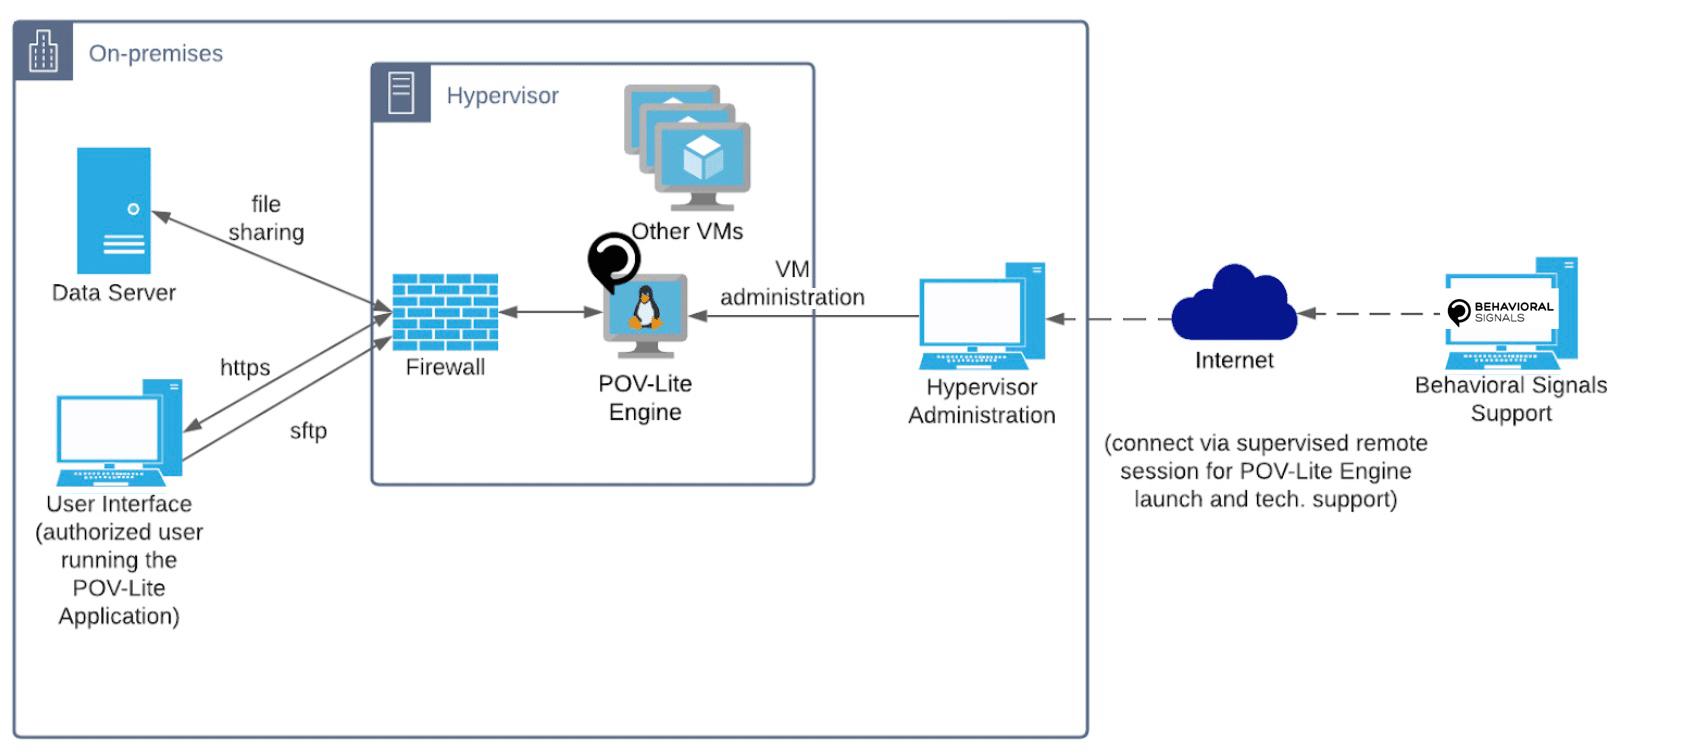 Network architecture- Behavioral Signals